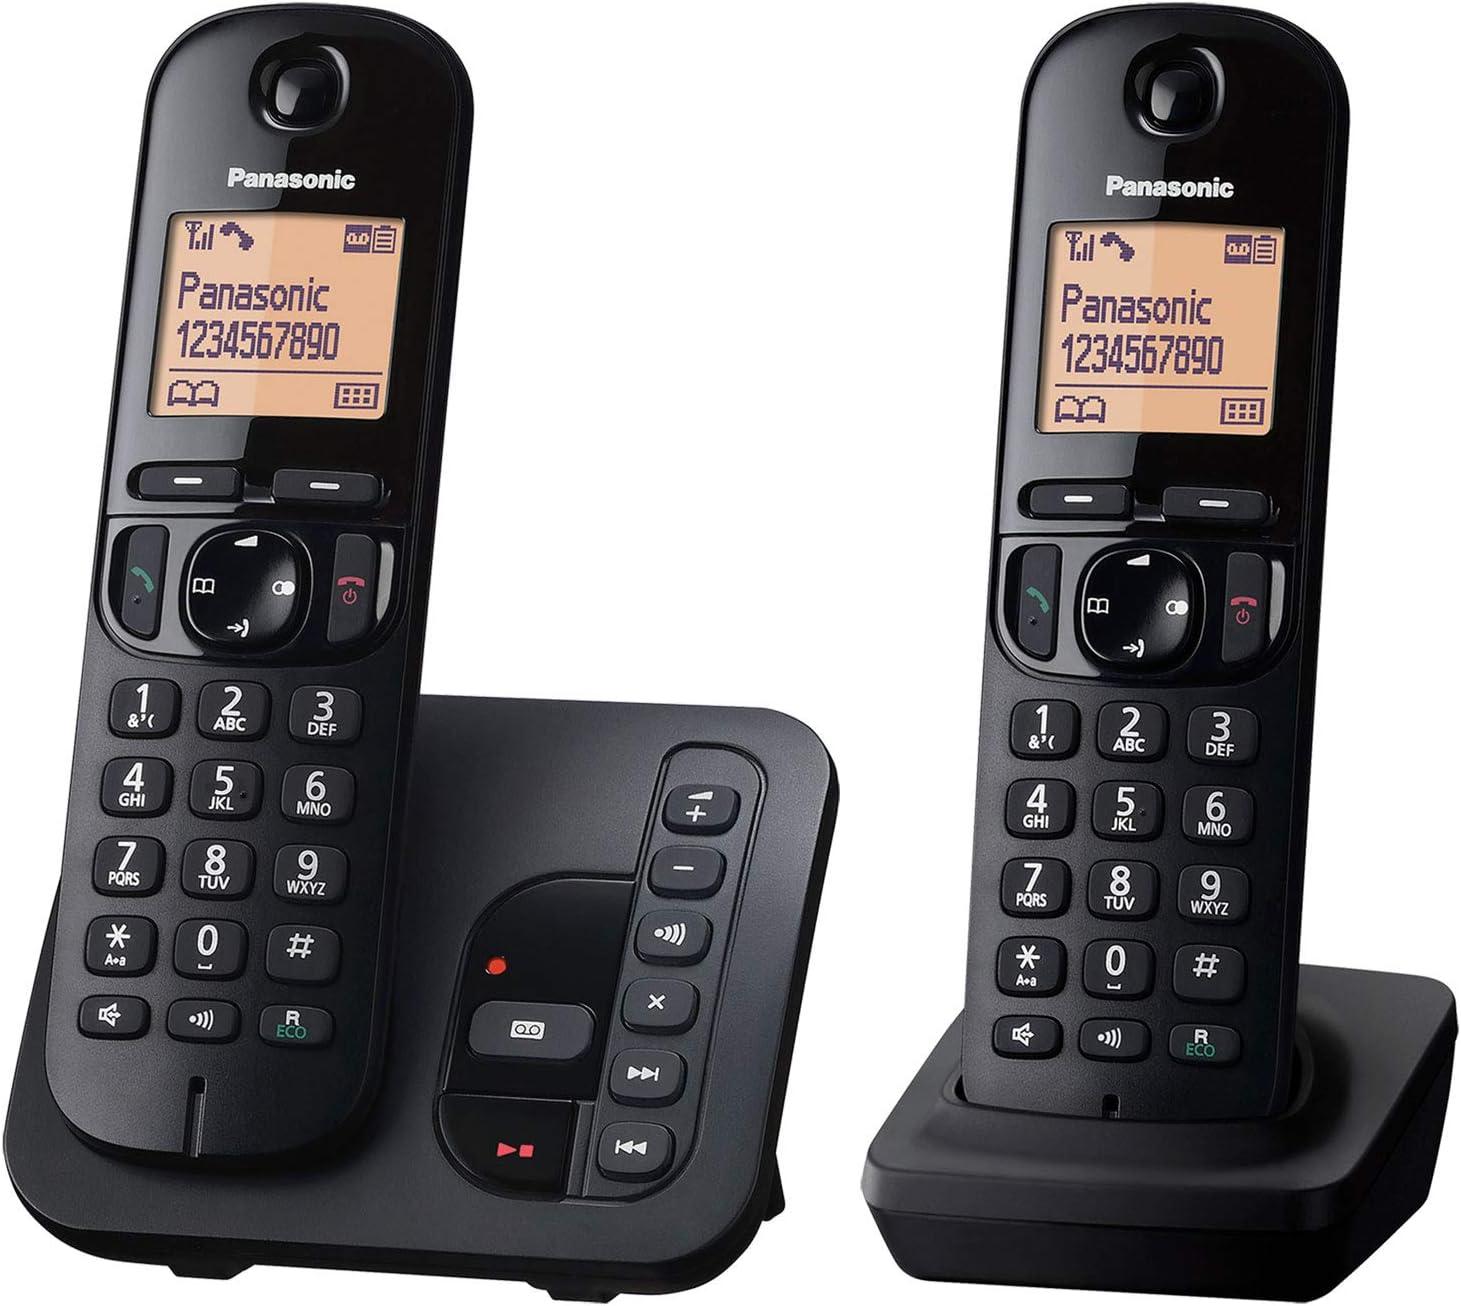 Panasonic KX-TGC222GB - Teléfono (Teléfono DECT, Altavoz, 50 entradas, Identificador de Llamadas, Negro) [versión importada]: Panasonic: Amazon.es: Electrónica